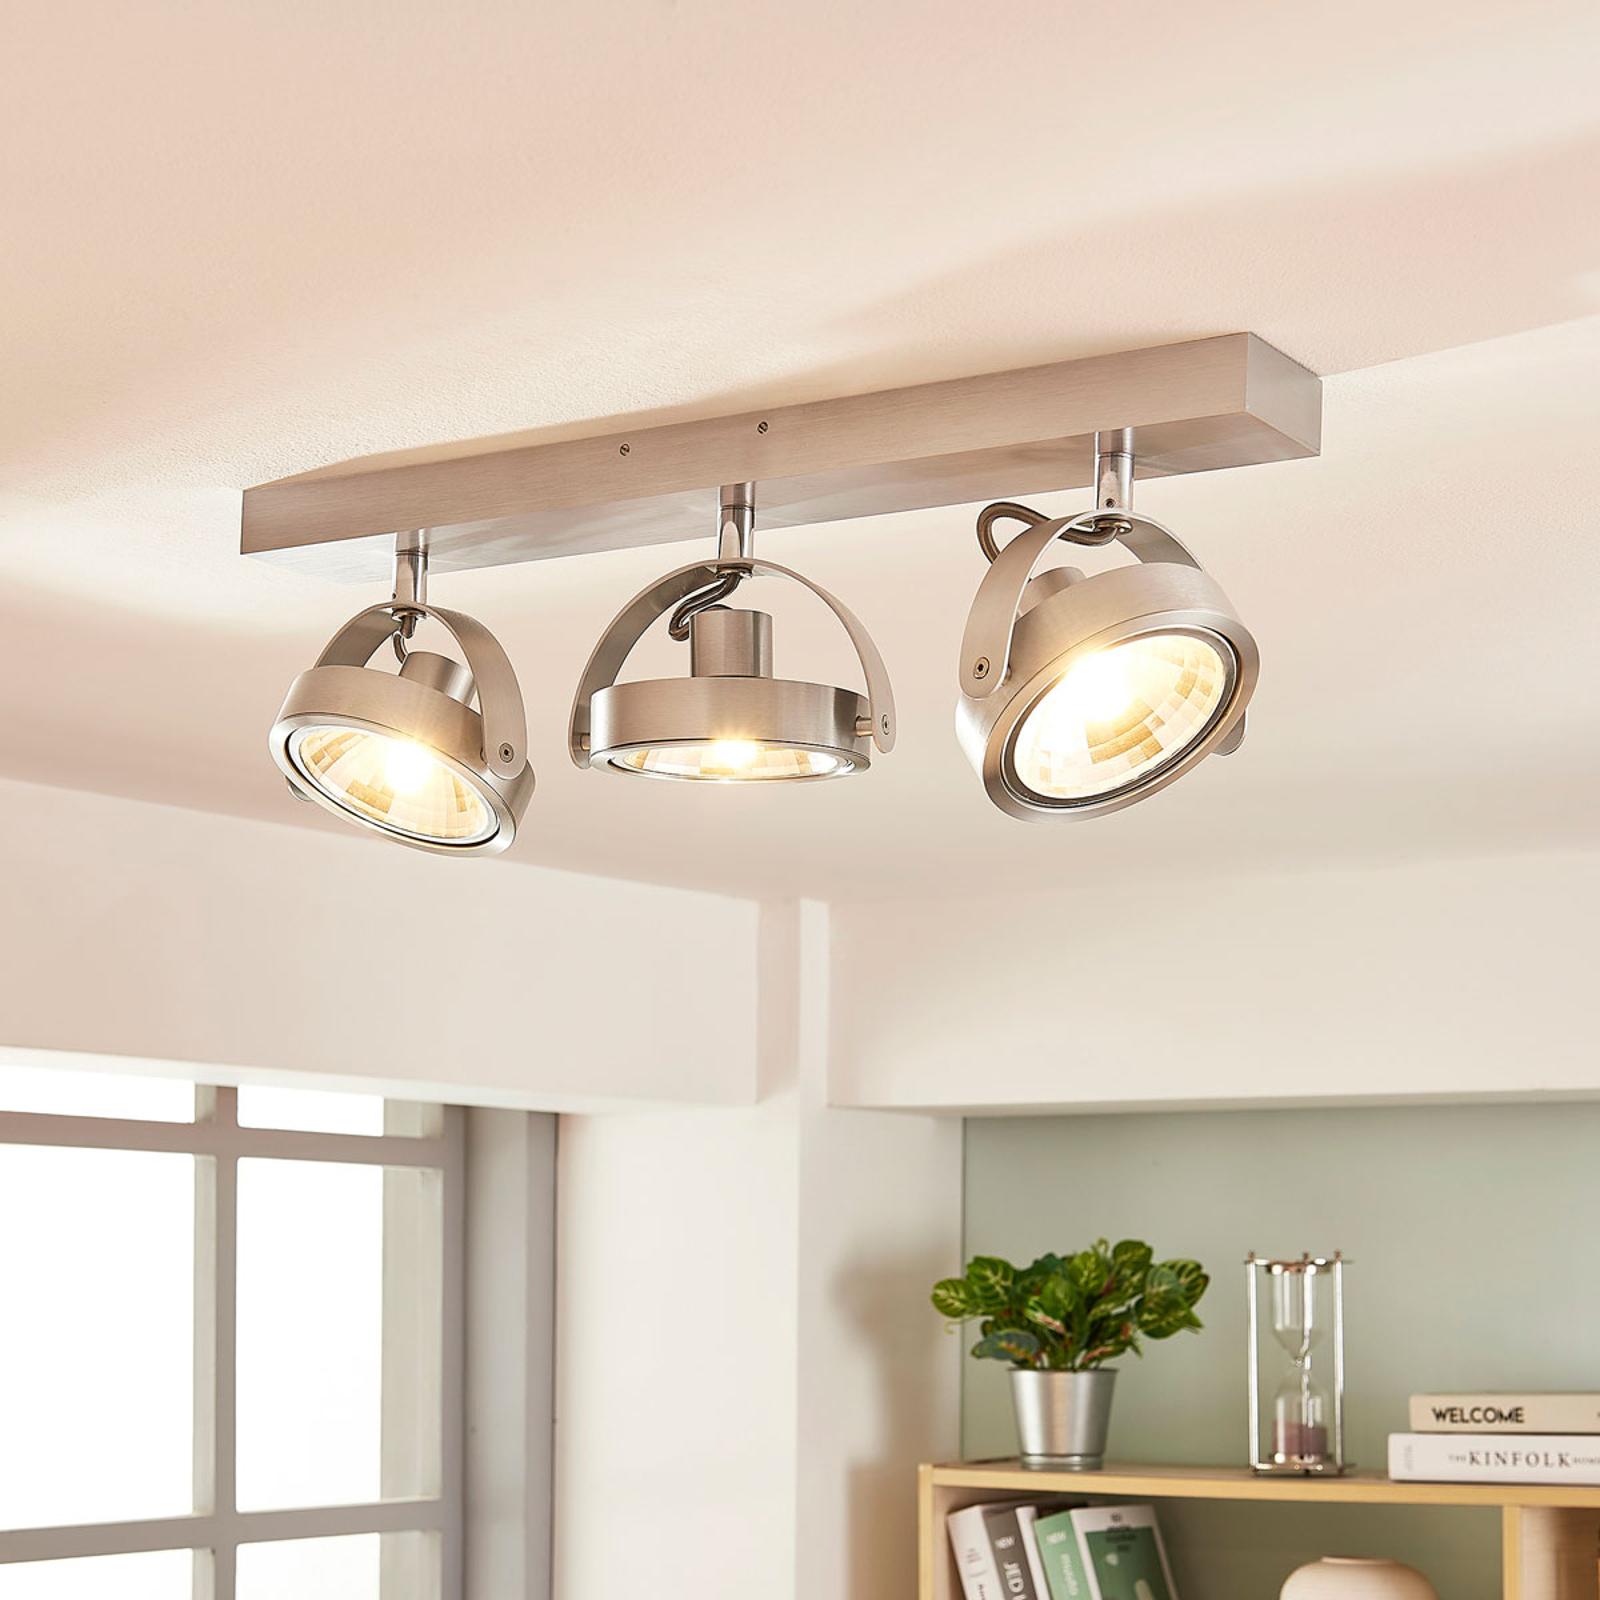 LED plafondlamp Lieven van aluminium, 3.lamps